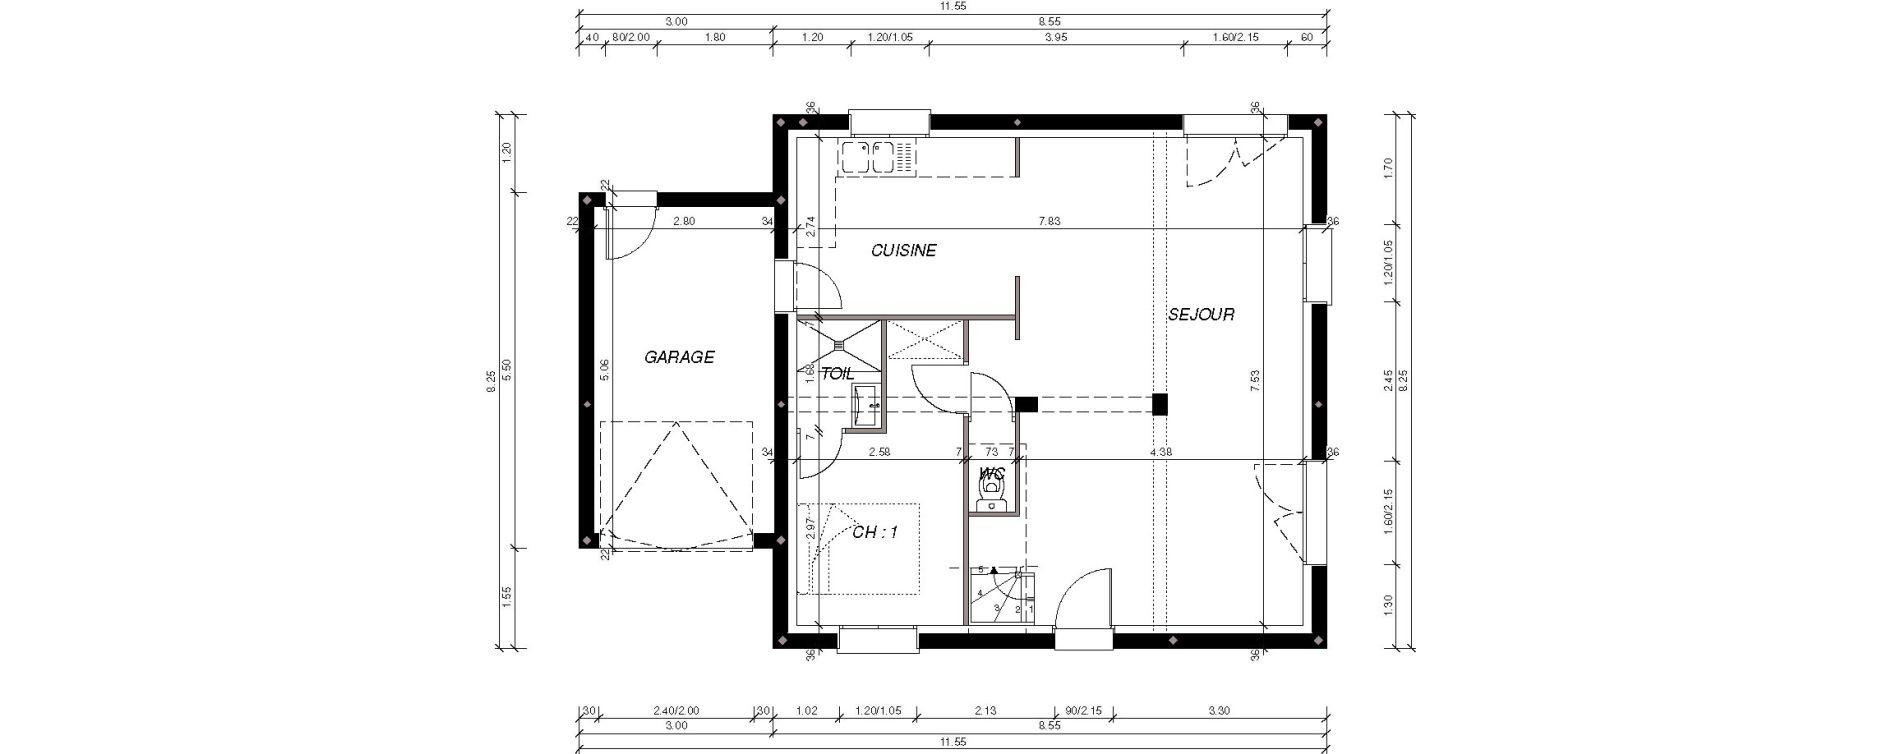 Maison T5 de 92,82 m2 à Loperhet Loperhet gare